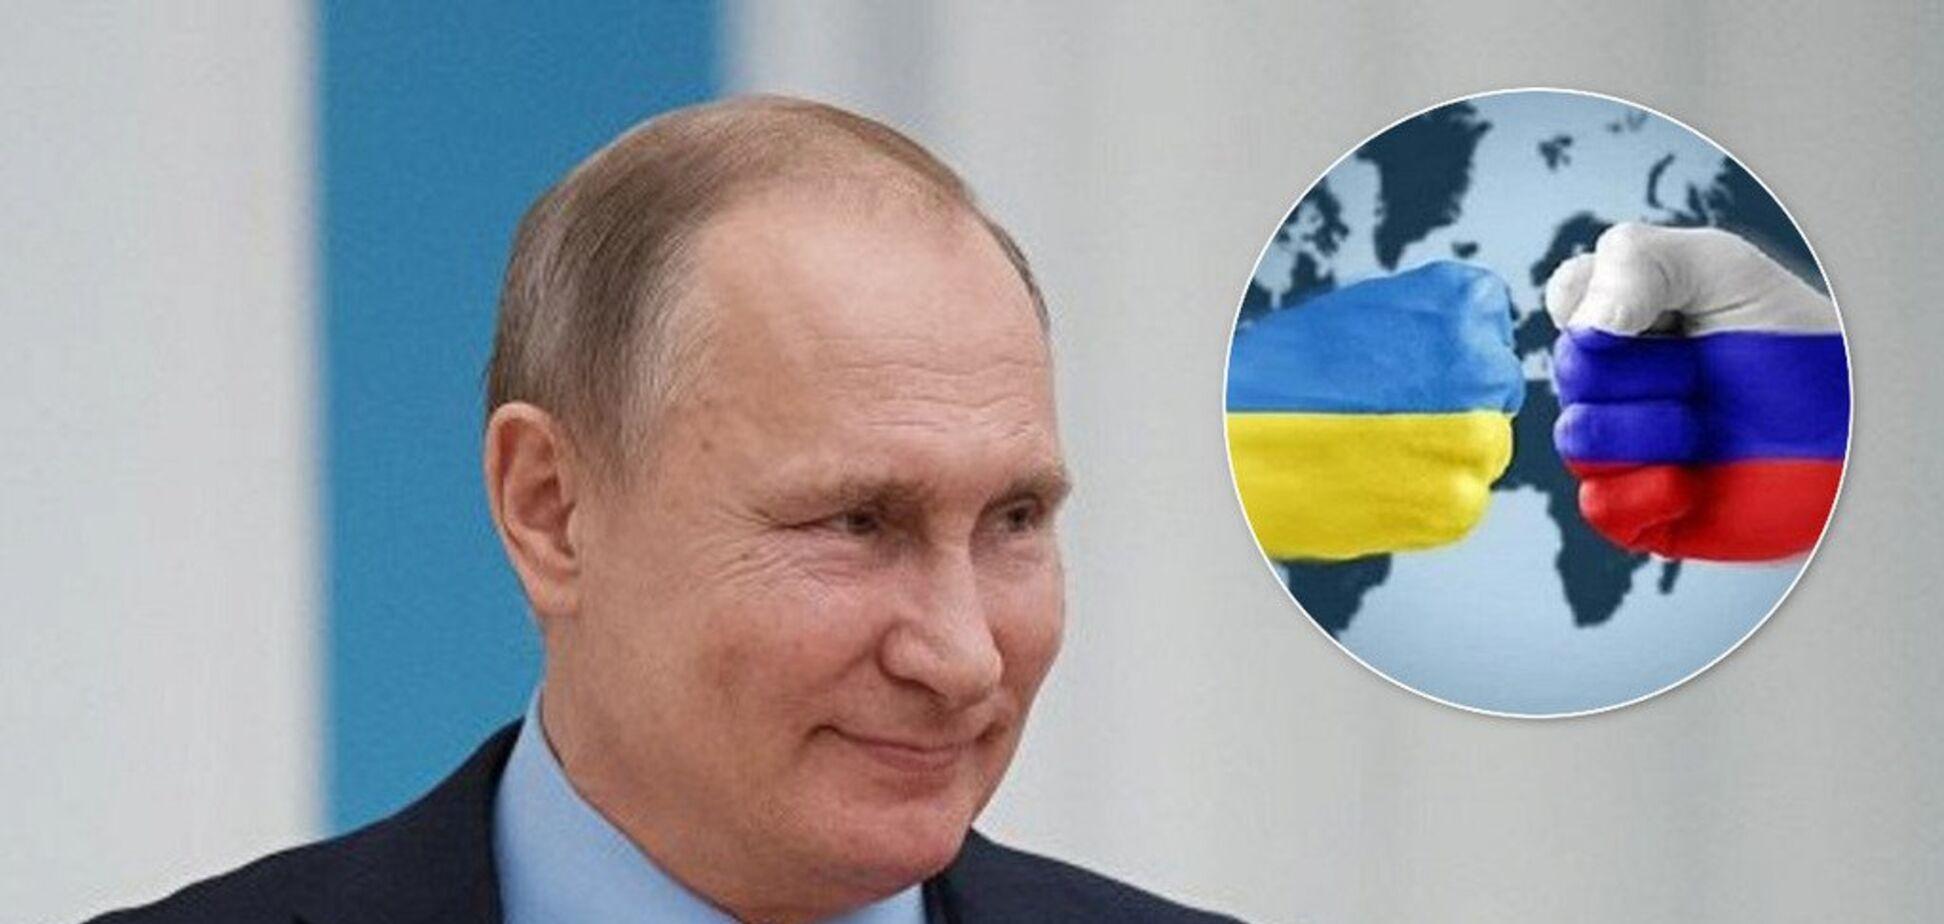 Путін призначив заміну Медведєву і готується піти: хто стане президентом РФ і чим це загрожує Україні